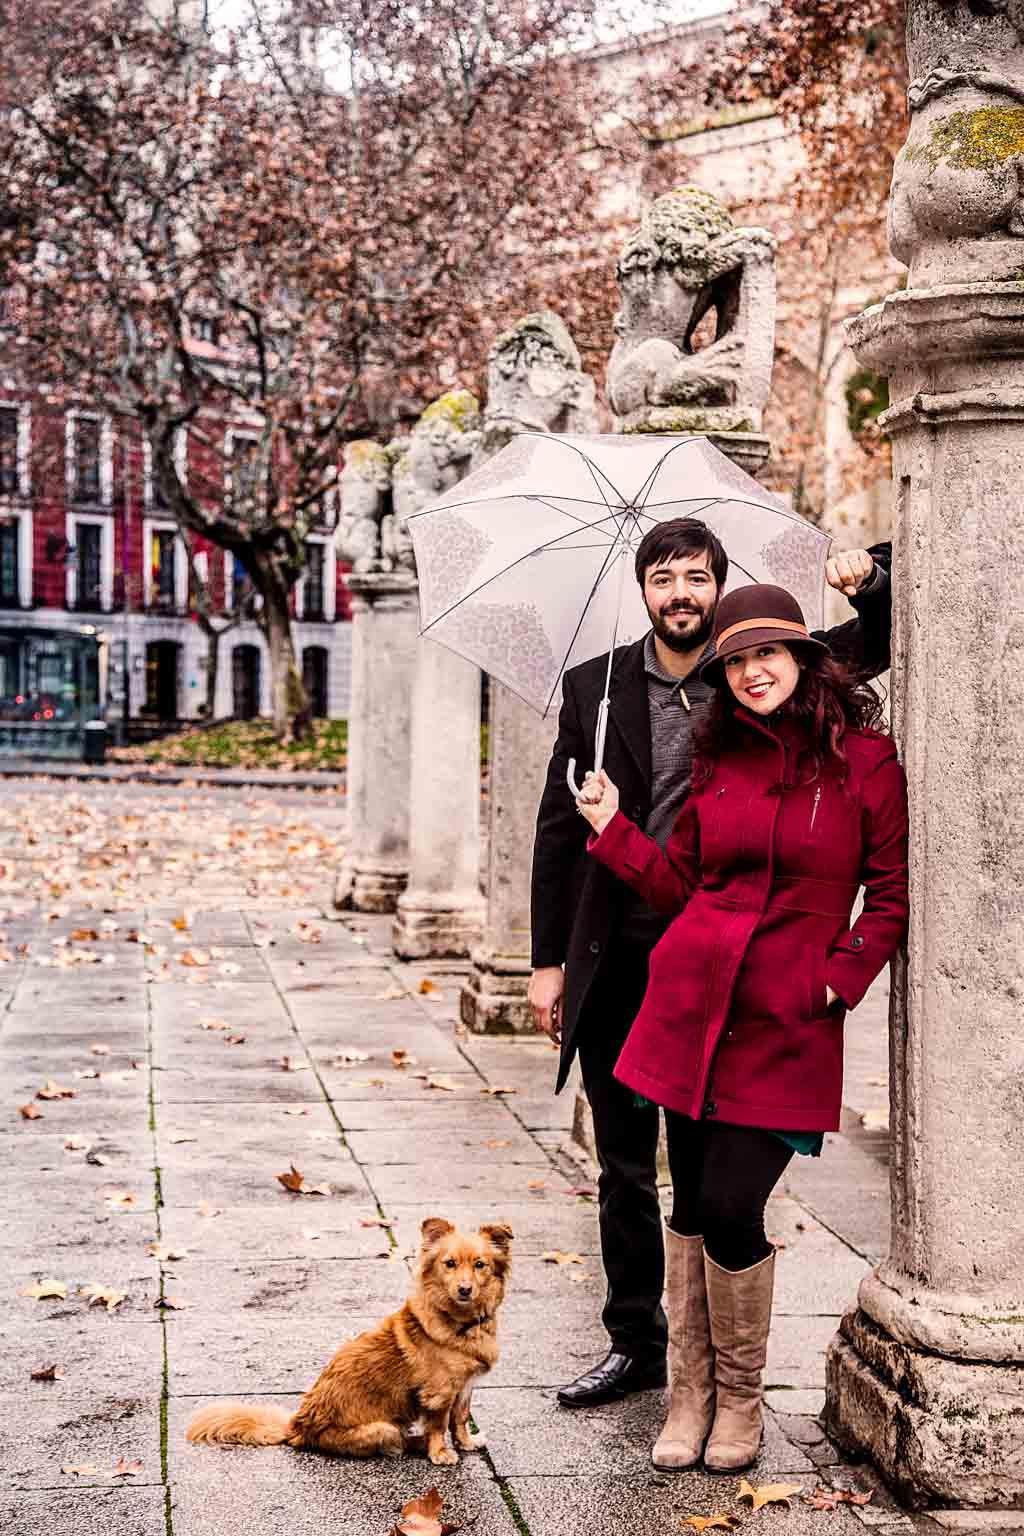 fotochita - fotografia de boda Valladolid - sesion fotografica ciudad - sesion fotogrfica mascotas